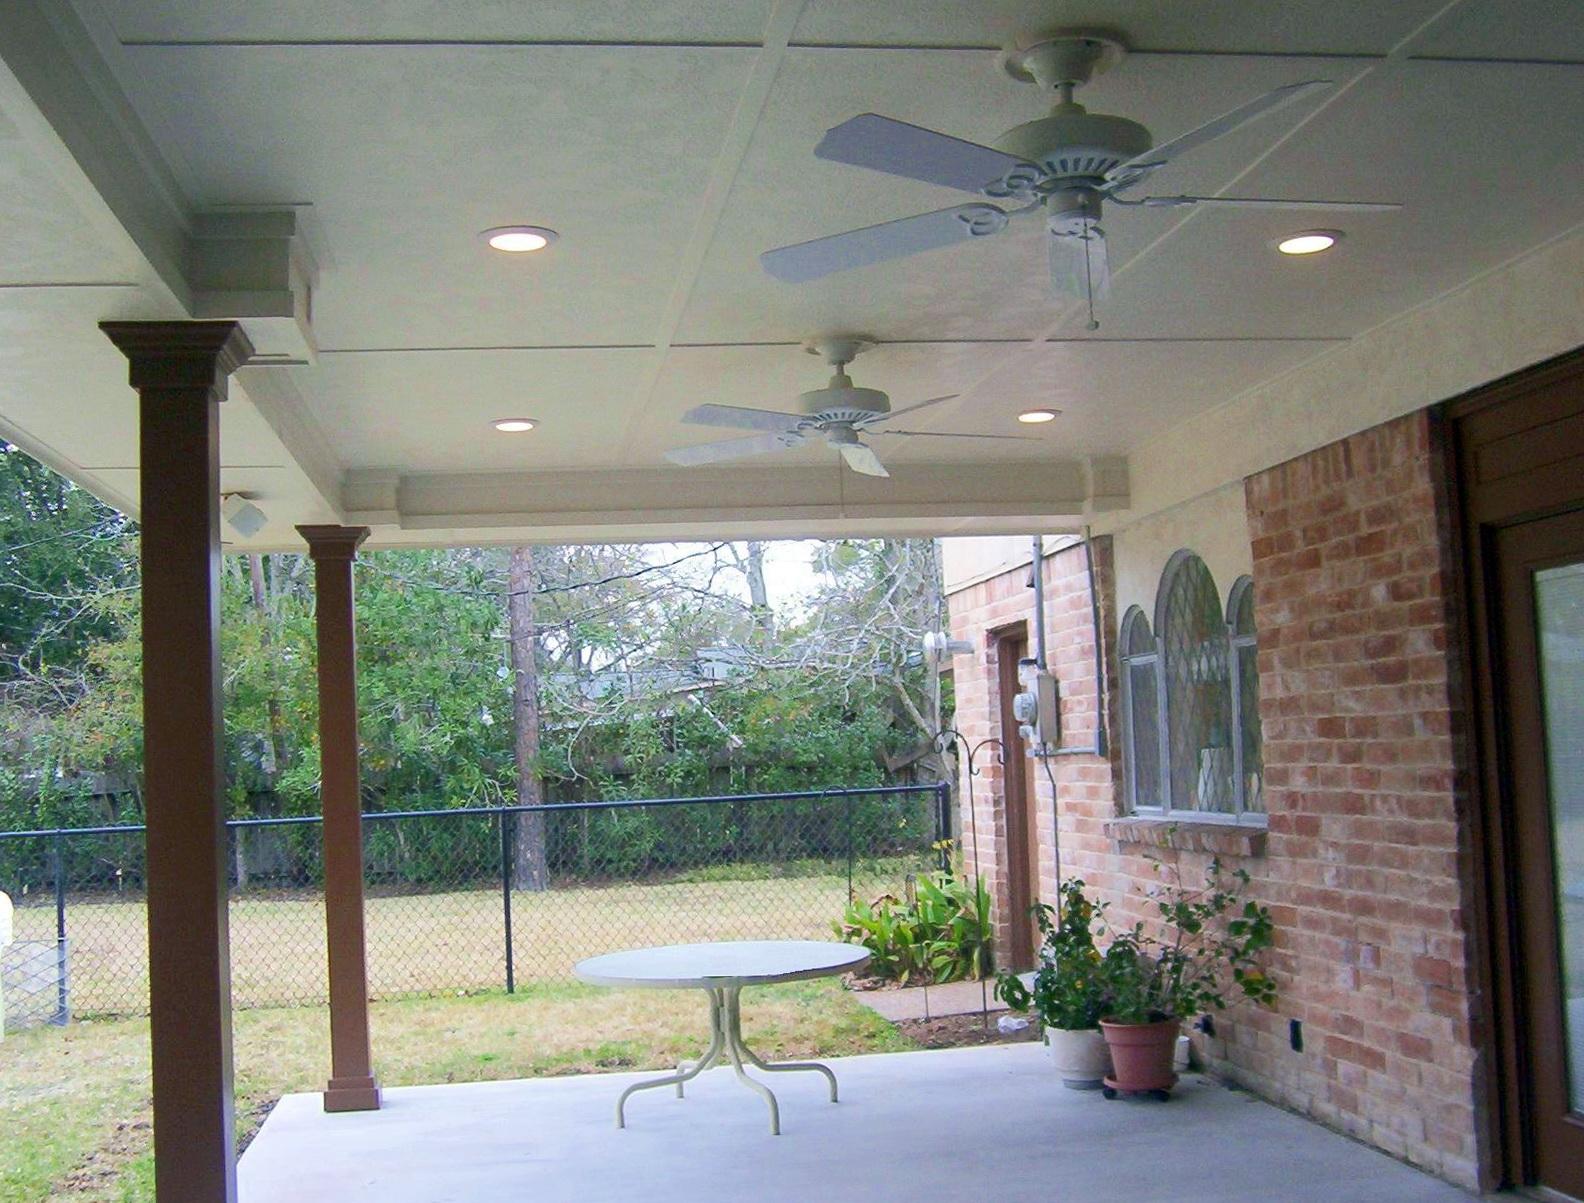 Porch ceiling lighting ideas home design ideas porch ceiling lighting ideas aloadofball Gallery